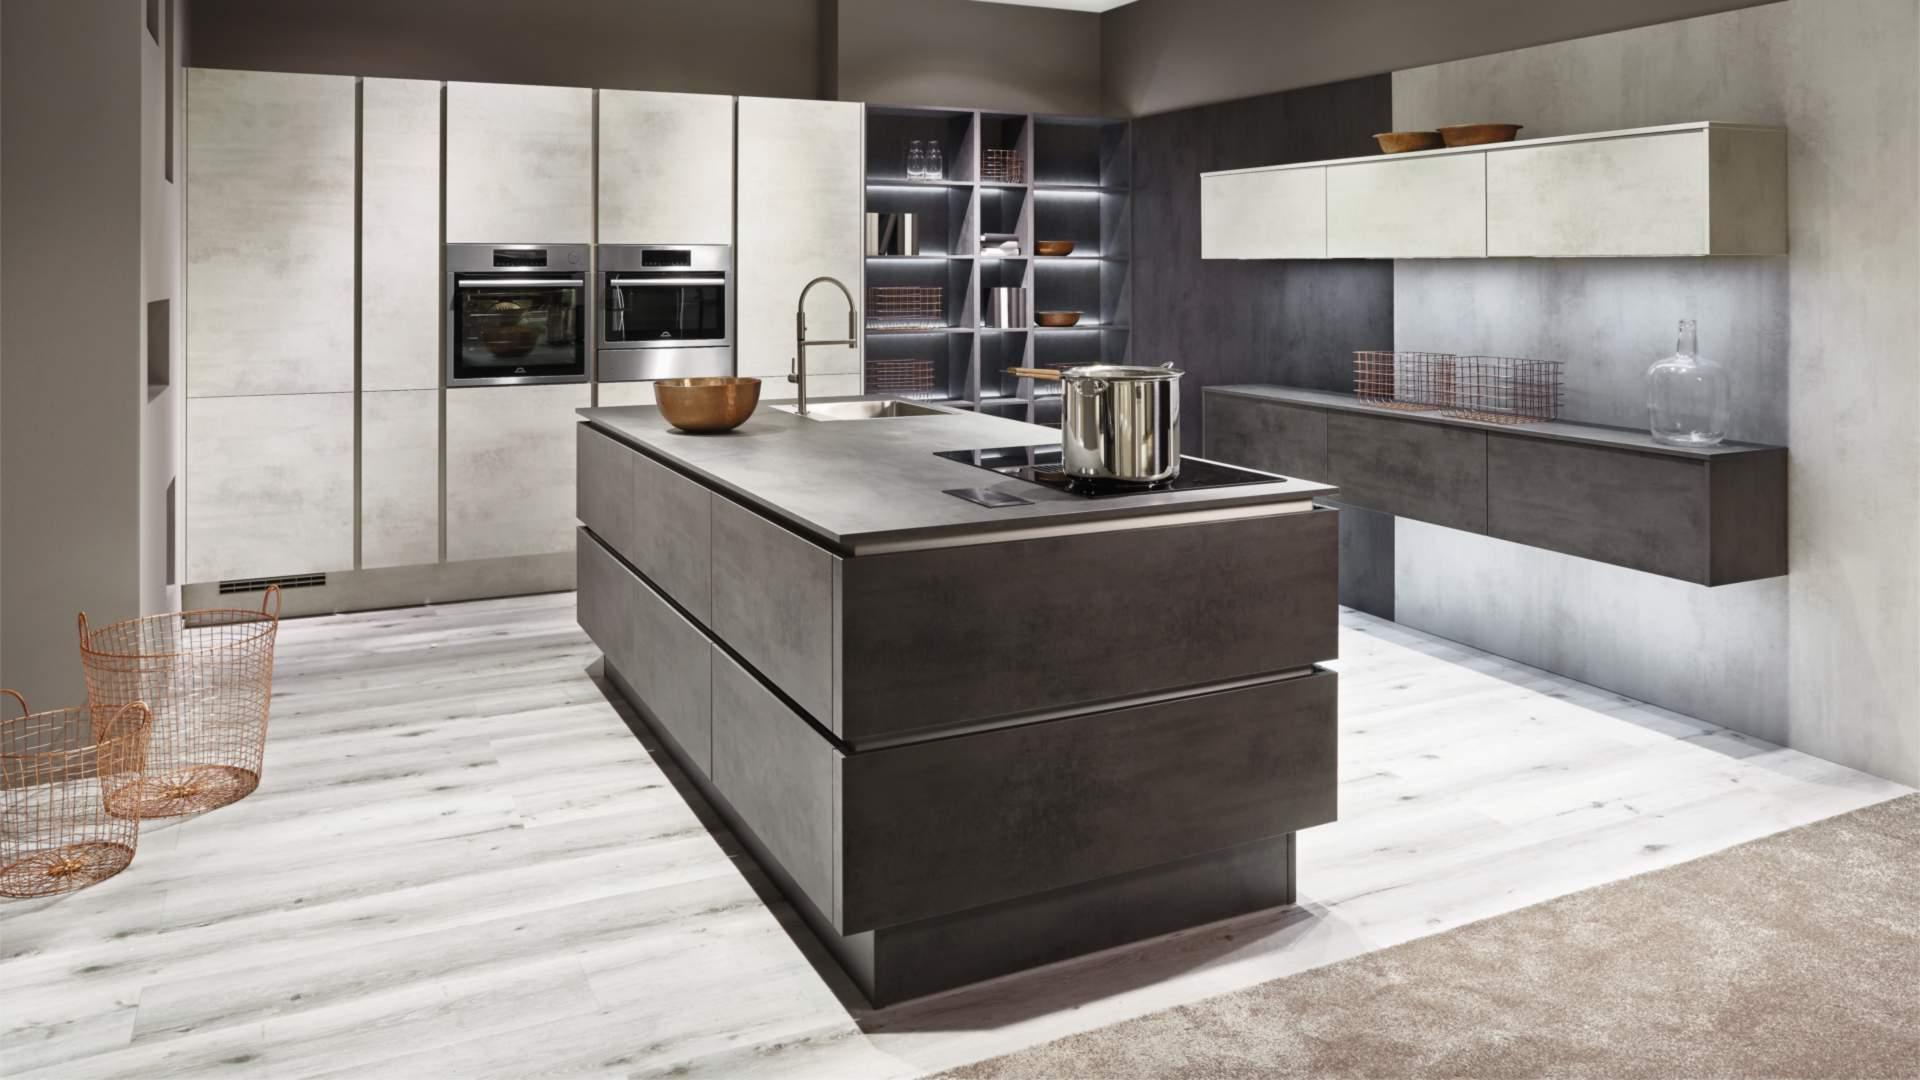 Cucine moderne americane e contemporanee  Cucine Clara